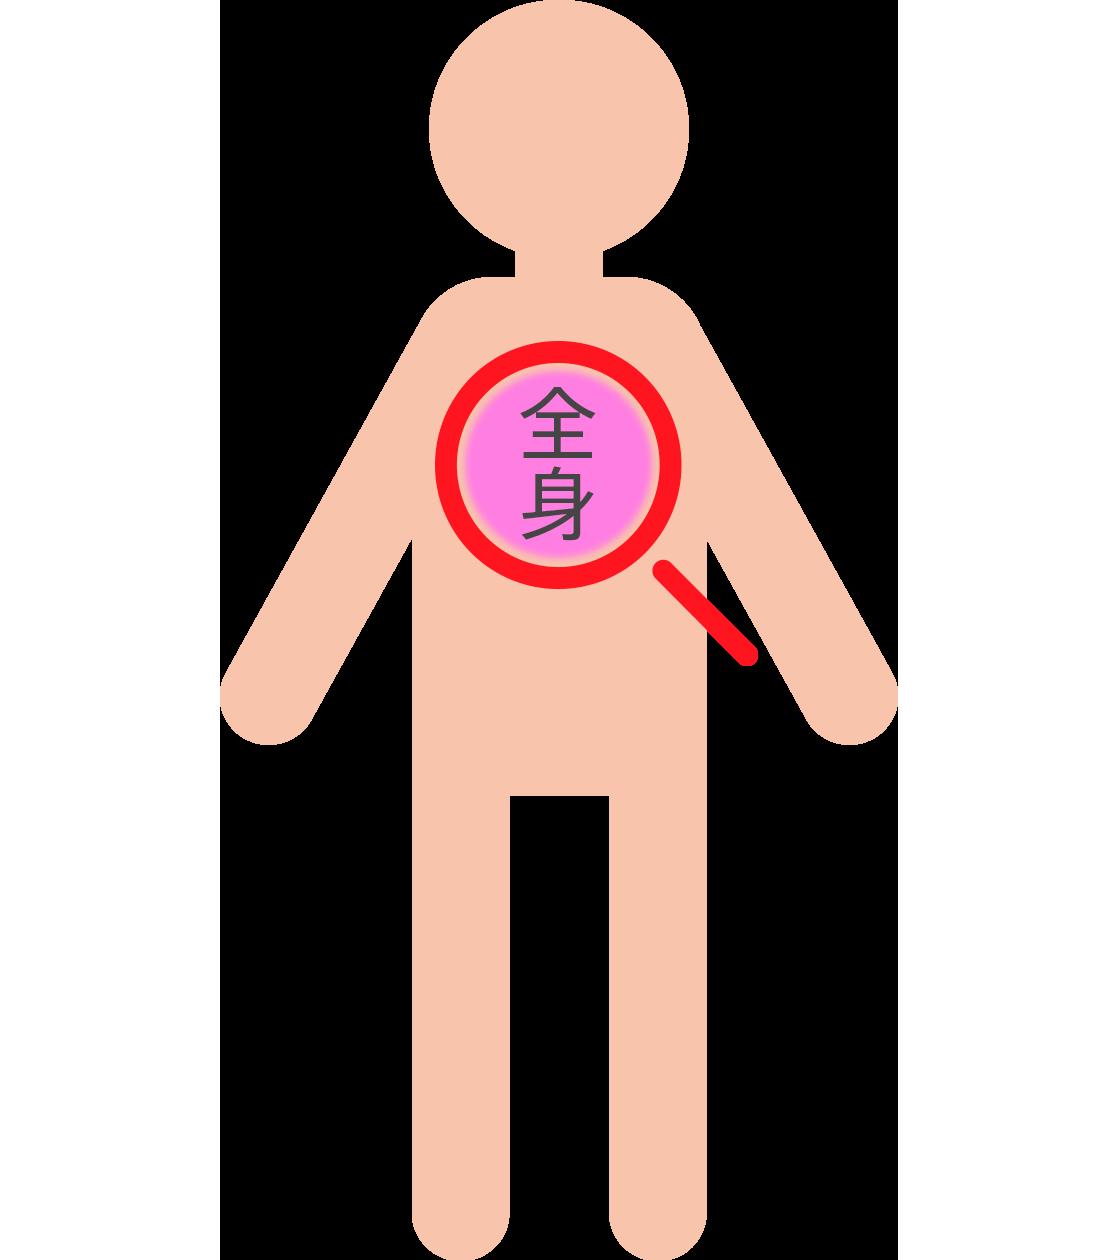 分野別解説とアドバイス 健診の後に 健康診断のこと 松阪地区医師会